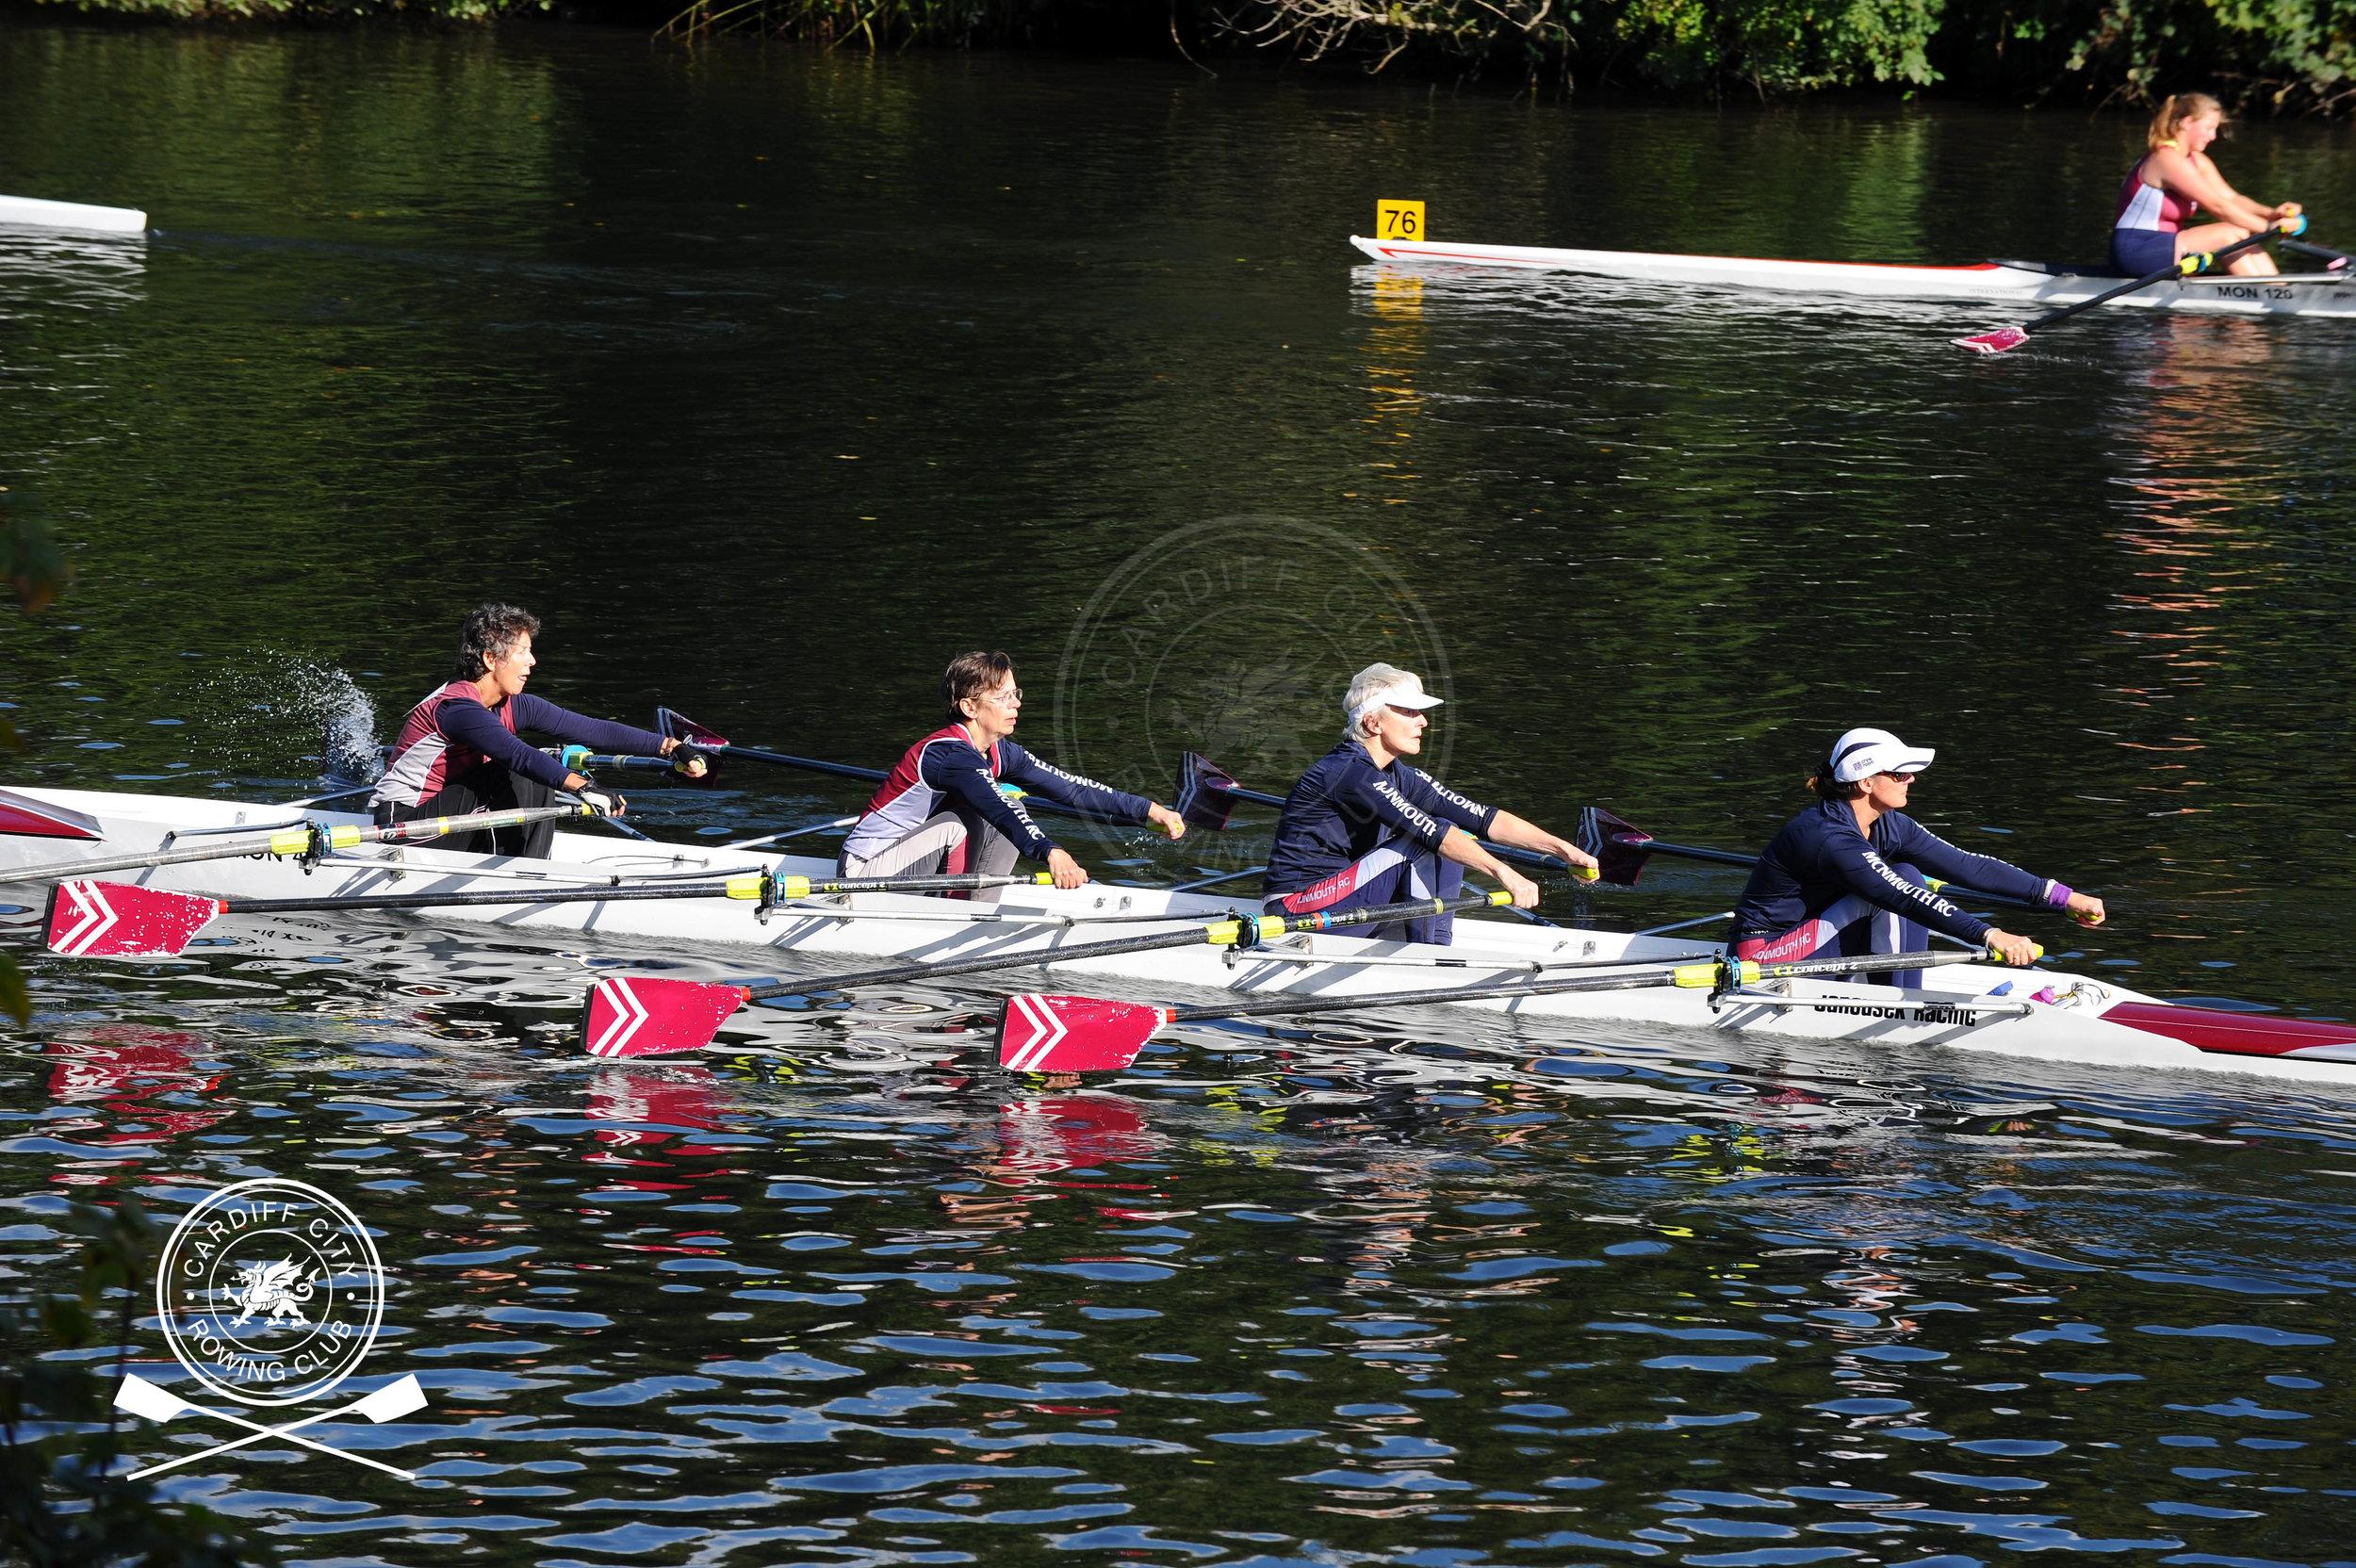 Cardiff_City_Head_Race_176.jpg